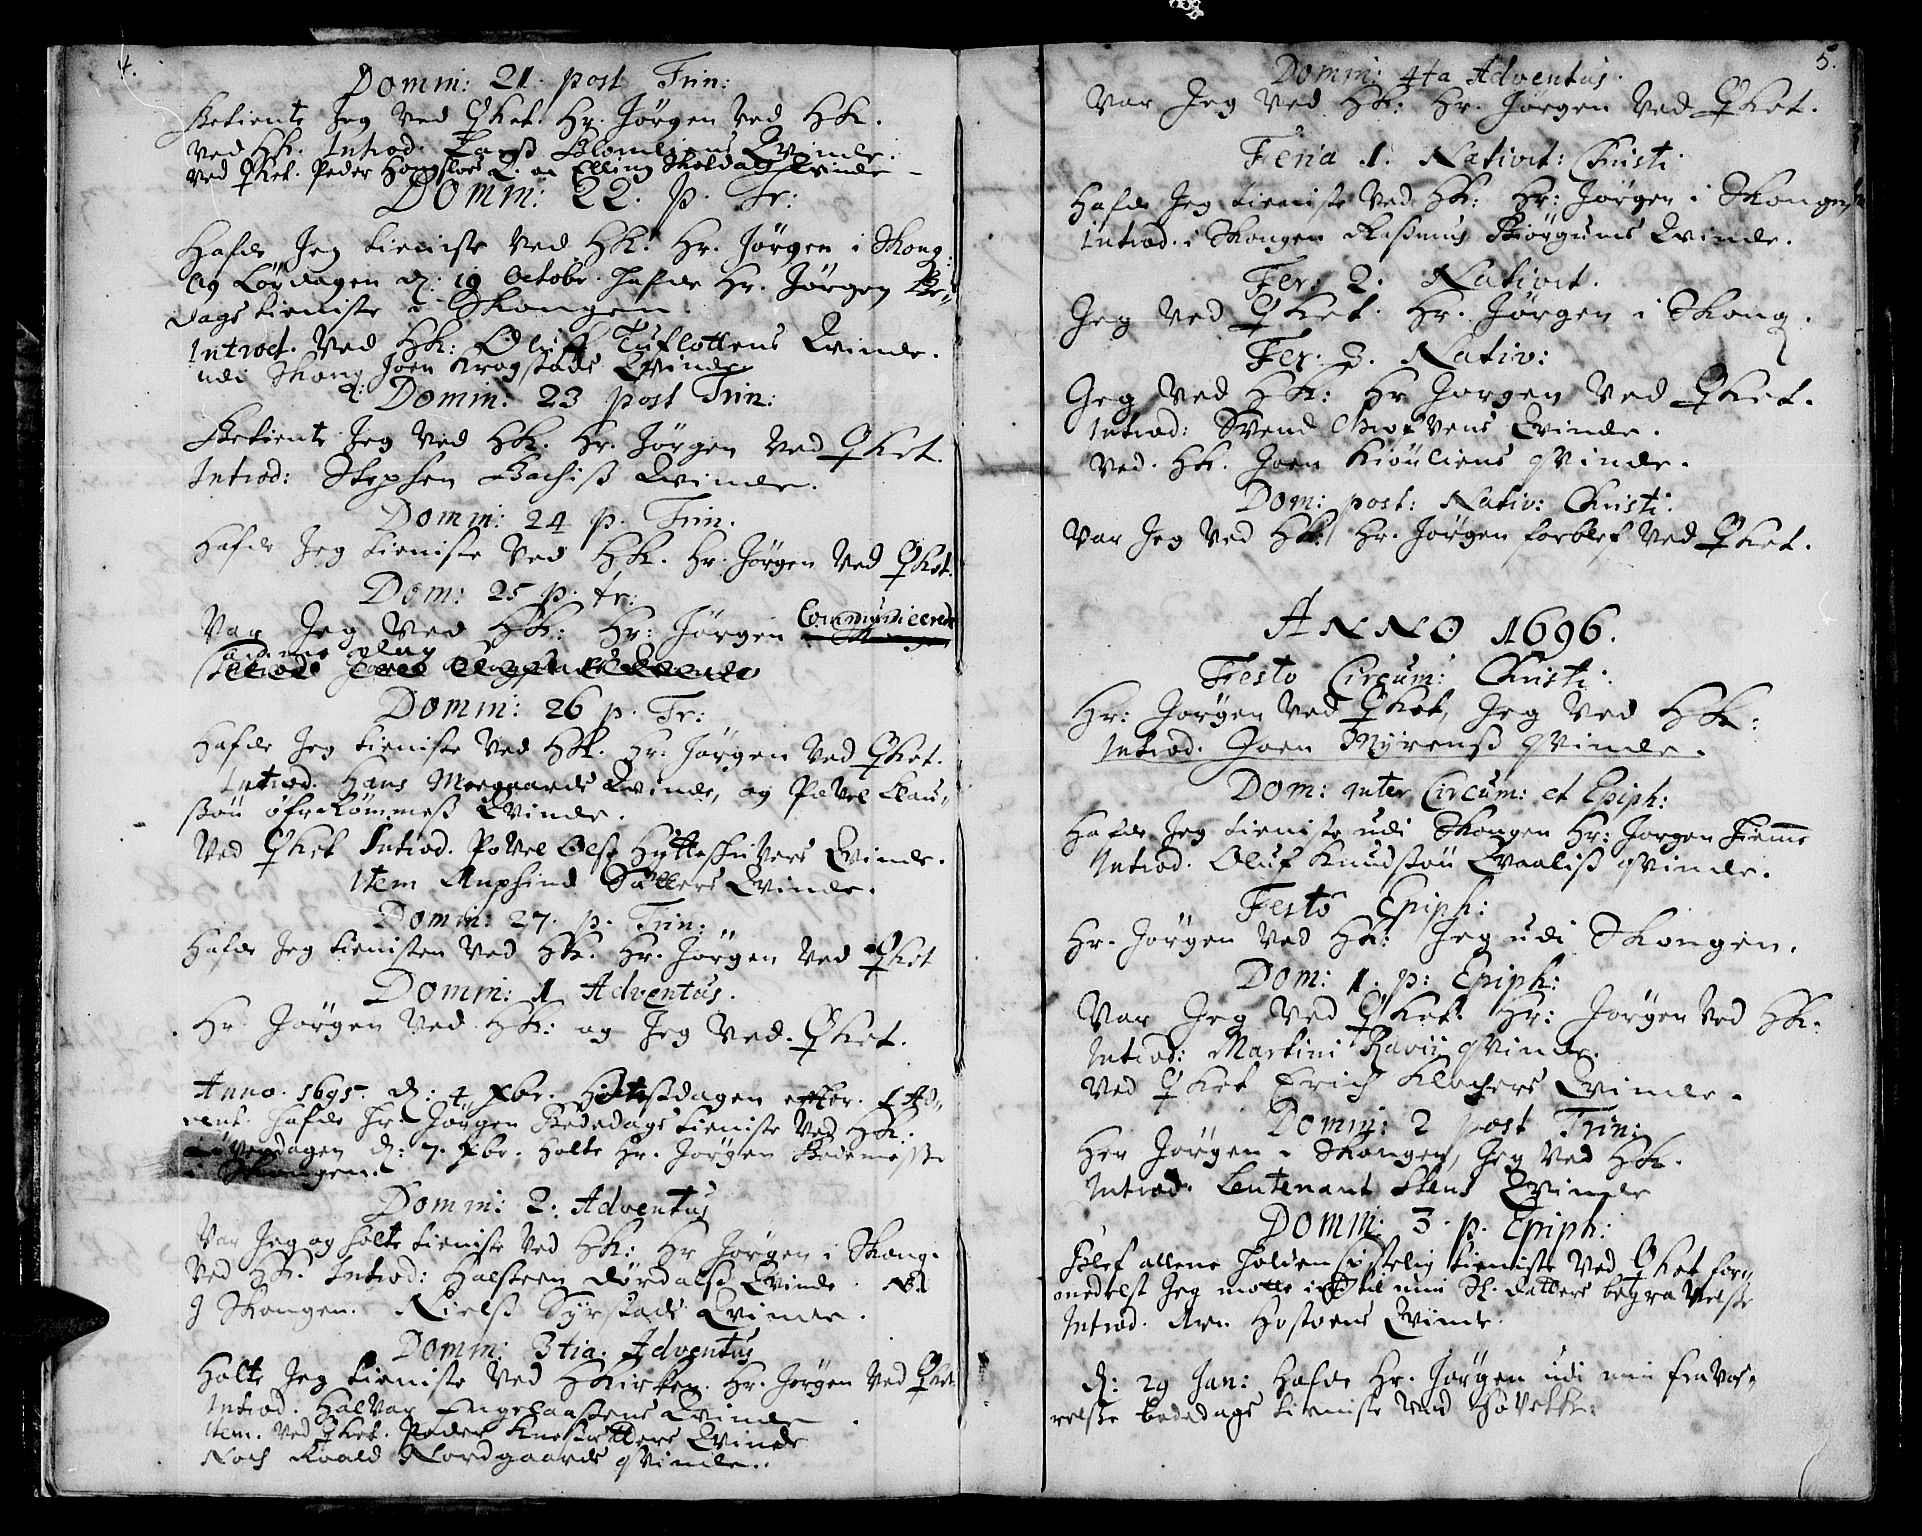 SAT, Ministerialprotokoller, klokkerbøker og fødselsregistre - Sør-Trøndelag, 668/L0801: Ministerialbok nr. 668A01, 1695-1716, s. 4-5